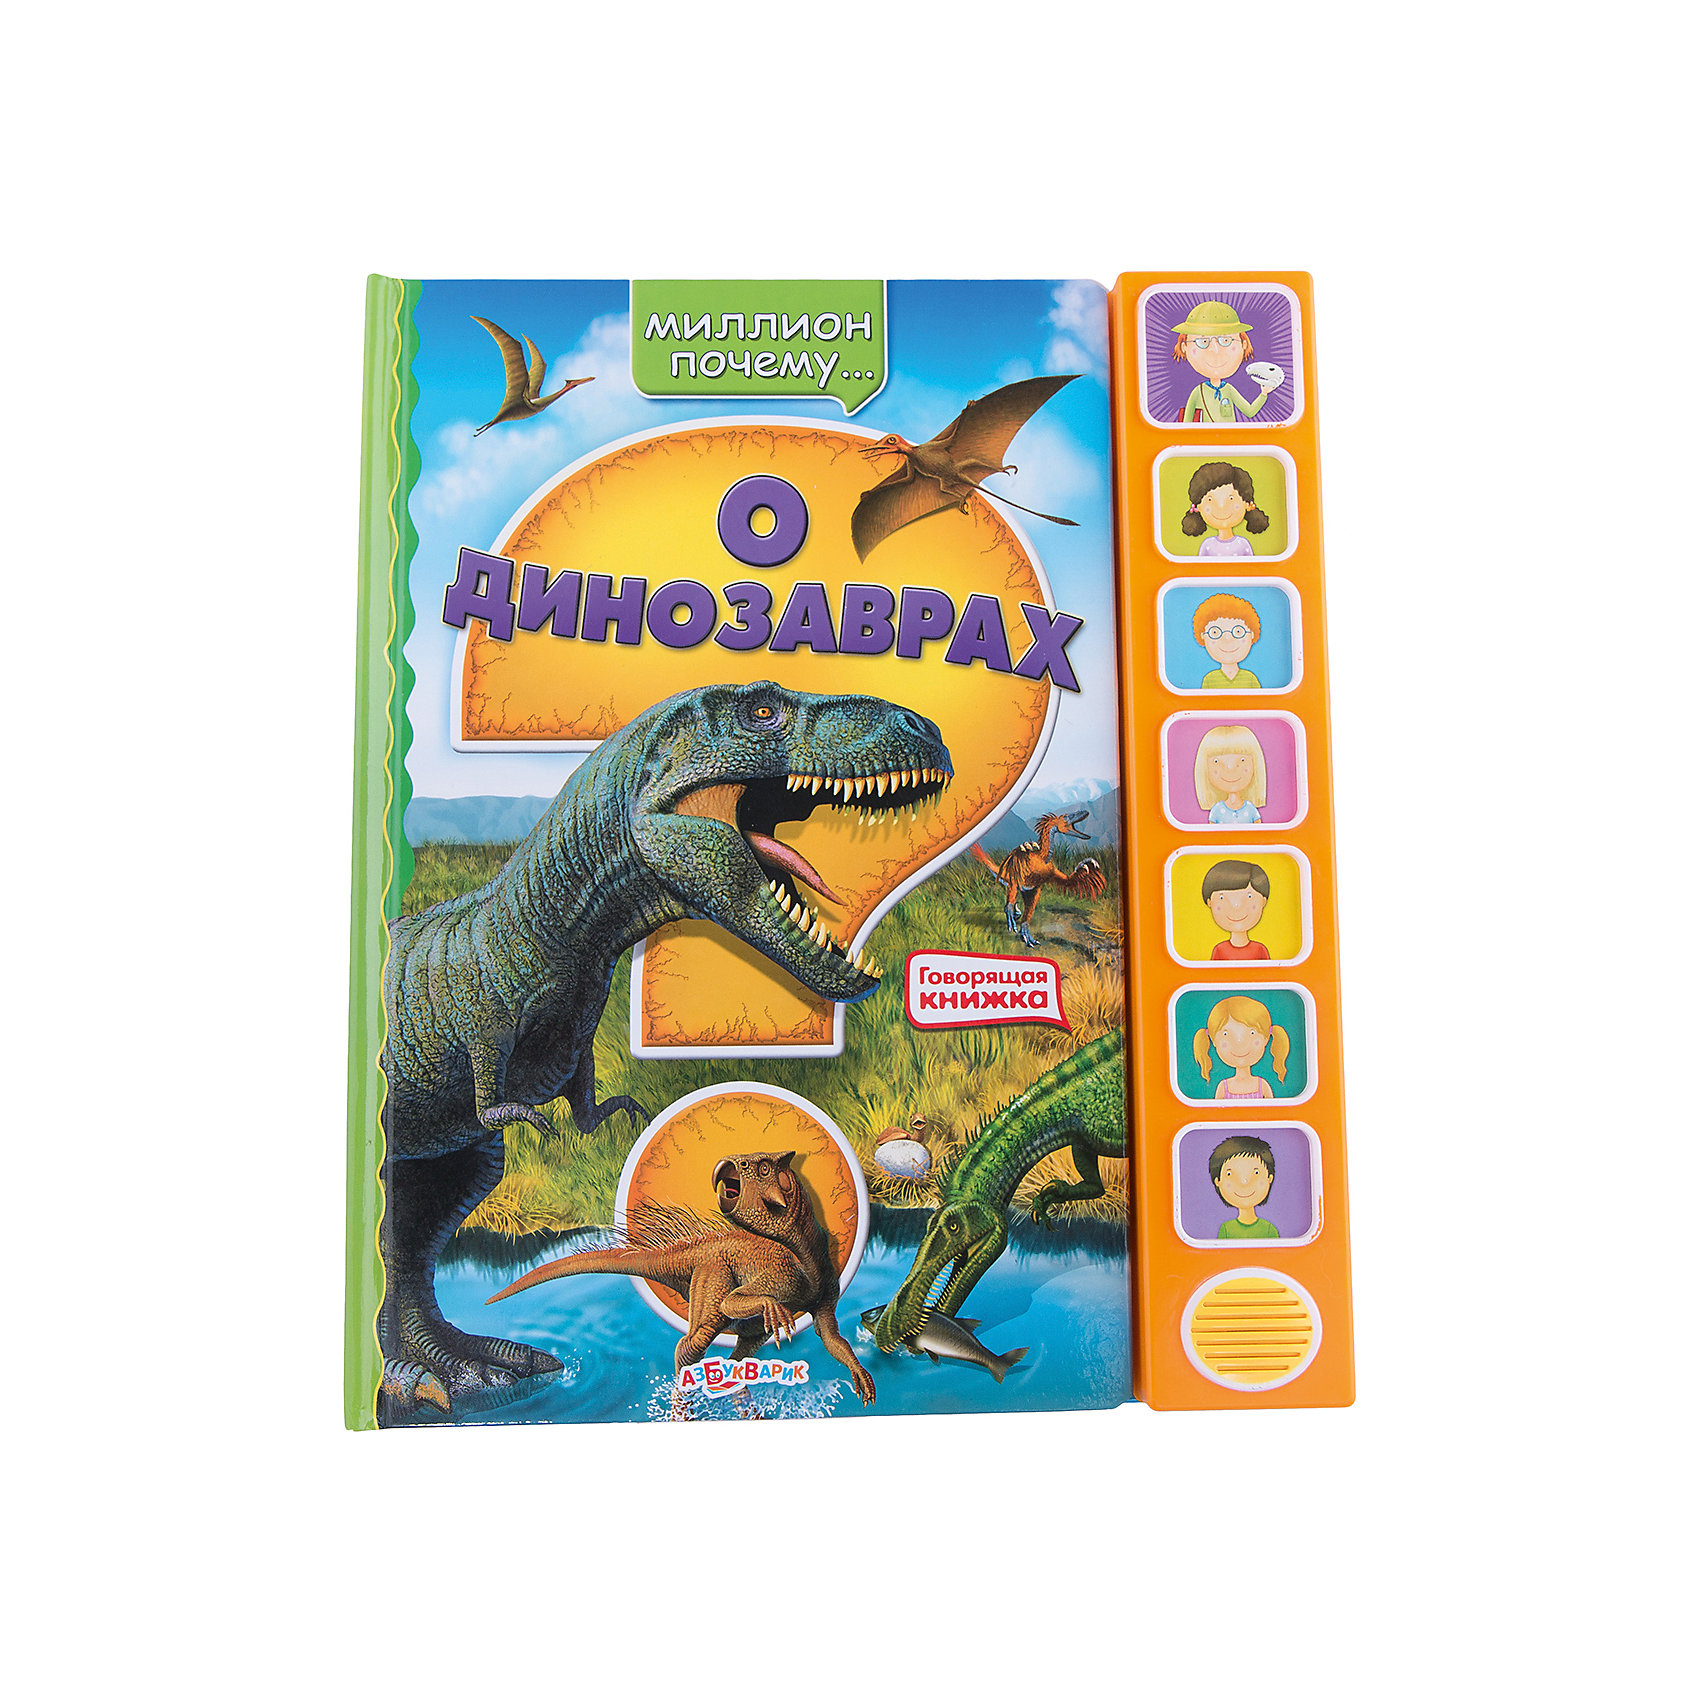 Книга со звуковым модулем О динозаврахГоворящие книги<br>Эта яркая книжка со звуковым модулем обязательно понравится ребенку и надолго увлечет его. Красочные иллюстрации, интересные факты и кнопочки со звуками расскажут малышам об огромных древних ящерах - динозаврах, их повадках, особенностях и многом другом. <br>Плотная обложка и картонные страницы идеально подойдут даже для самых юных и активных читателей. <br><br>Дополнительная информация:<br><br>- Формат: 25х30 см.<br>- Количество страниц: 12.<br>- Переплет: твердый.<br>- Иллюстрации: цветные.<br>- Плотные картонные страницы. <br>- Звуковой модуль. <br>- Элемент питания: батарейки (AG13/LR44), в комплекте. <br><br>Книгу со звуковым модулем О динозаврах можно купить в нашем магазине.<br><br>Ширина мм: 25<br>Глубина мм: 30<br>Высота мм: 25<br>Вес г: 730<br>Возраст от месяцев: 24<br>Возраст до месяцев: 48<br>Пол: Унисекс<br>Возраст: Детский<br>SKU: 4951759